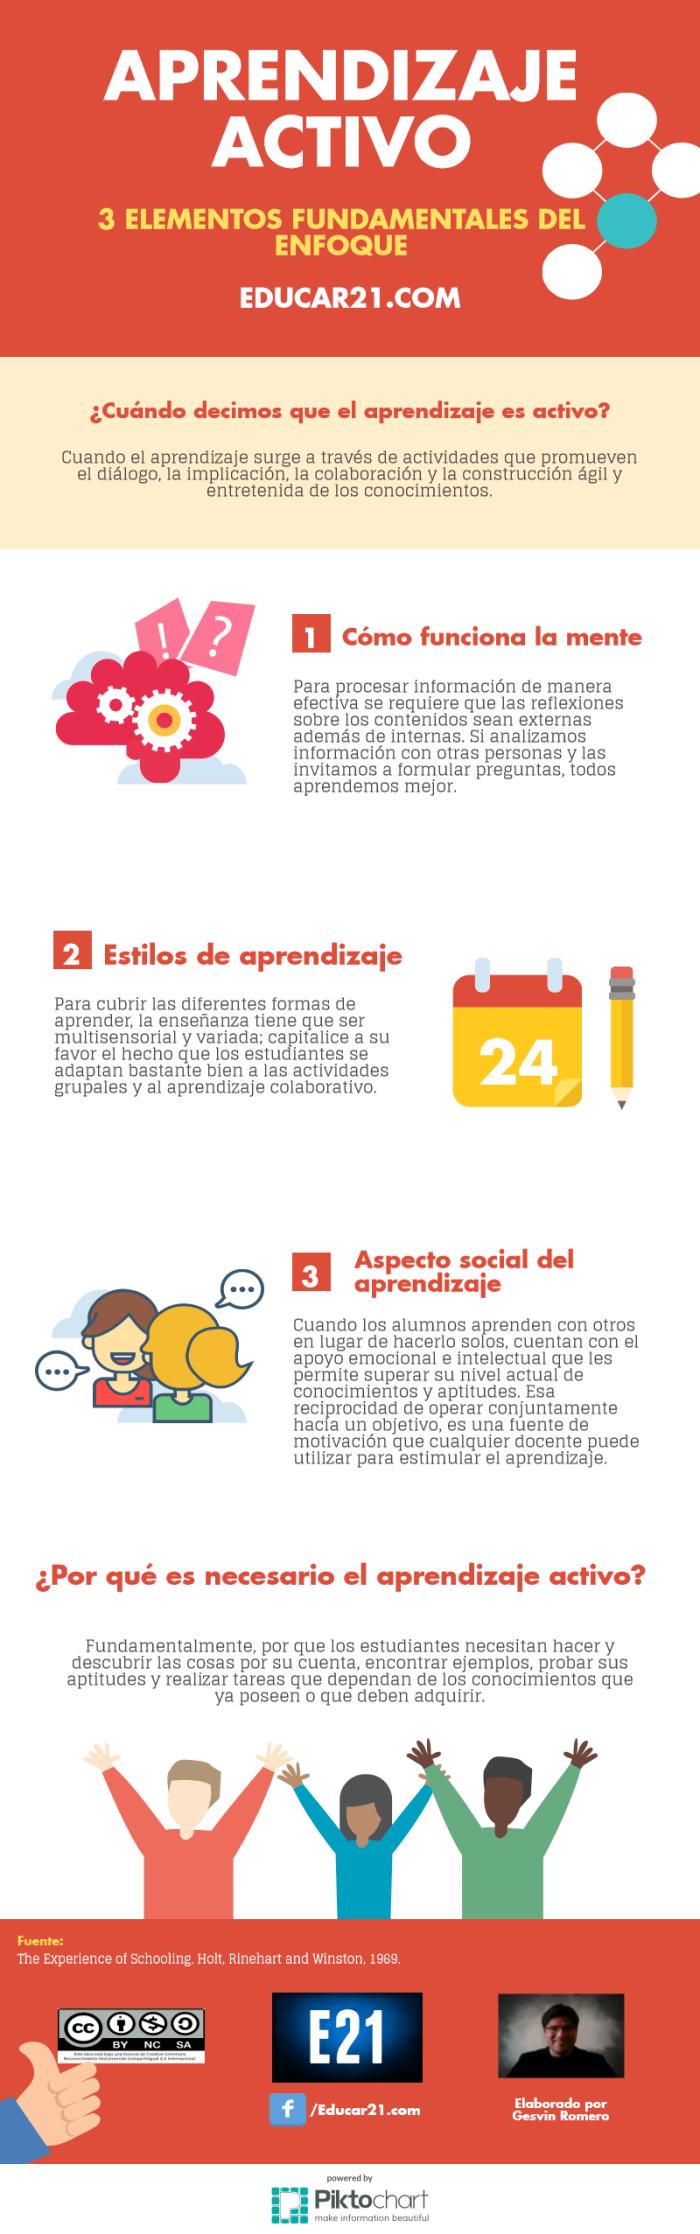 aprendizajeactivo3elementosfundamentalesenfoque-infografia-educar21